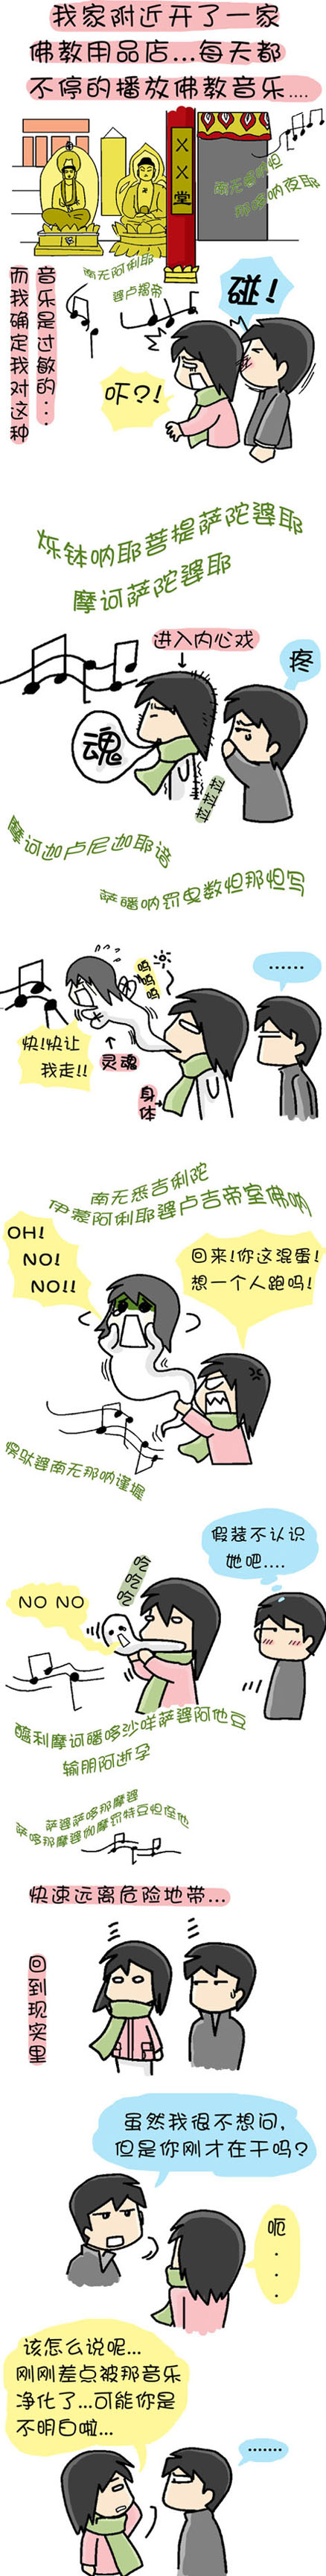 净化 - 小步 - 小步漫画日记